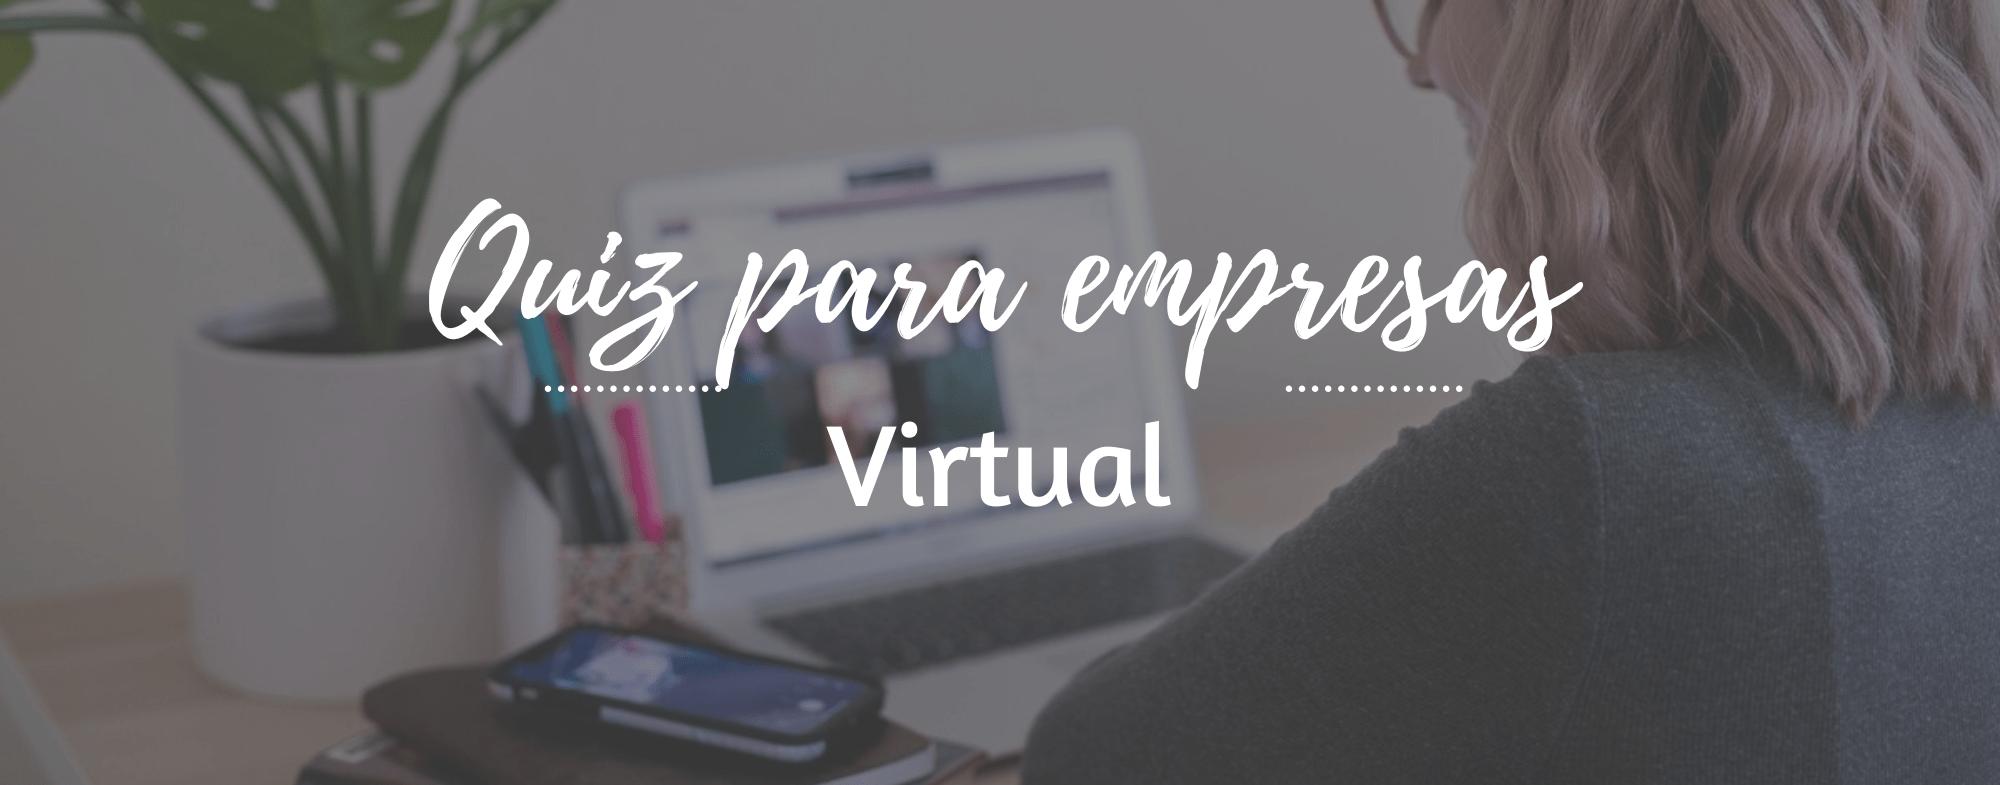 Quiz-para-empresas-virtual